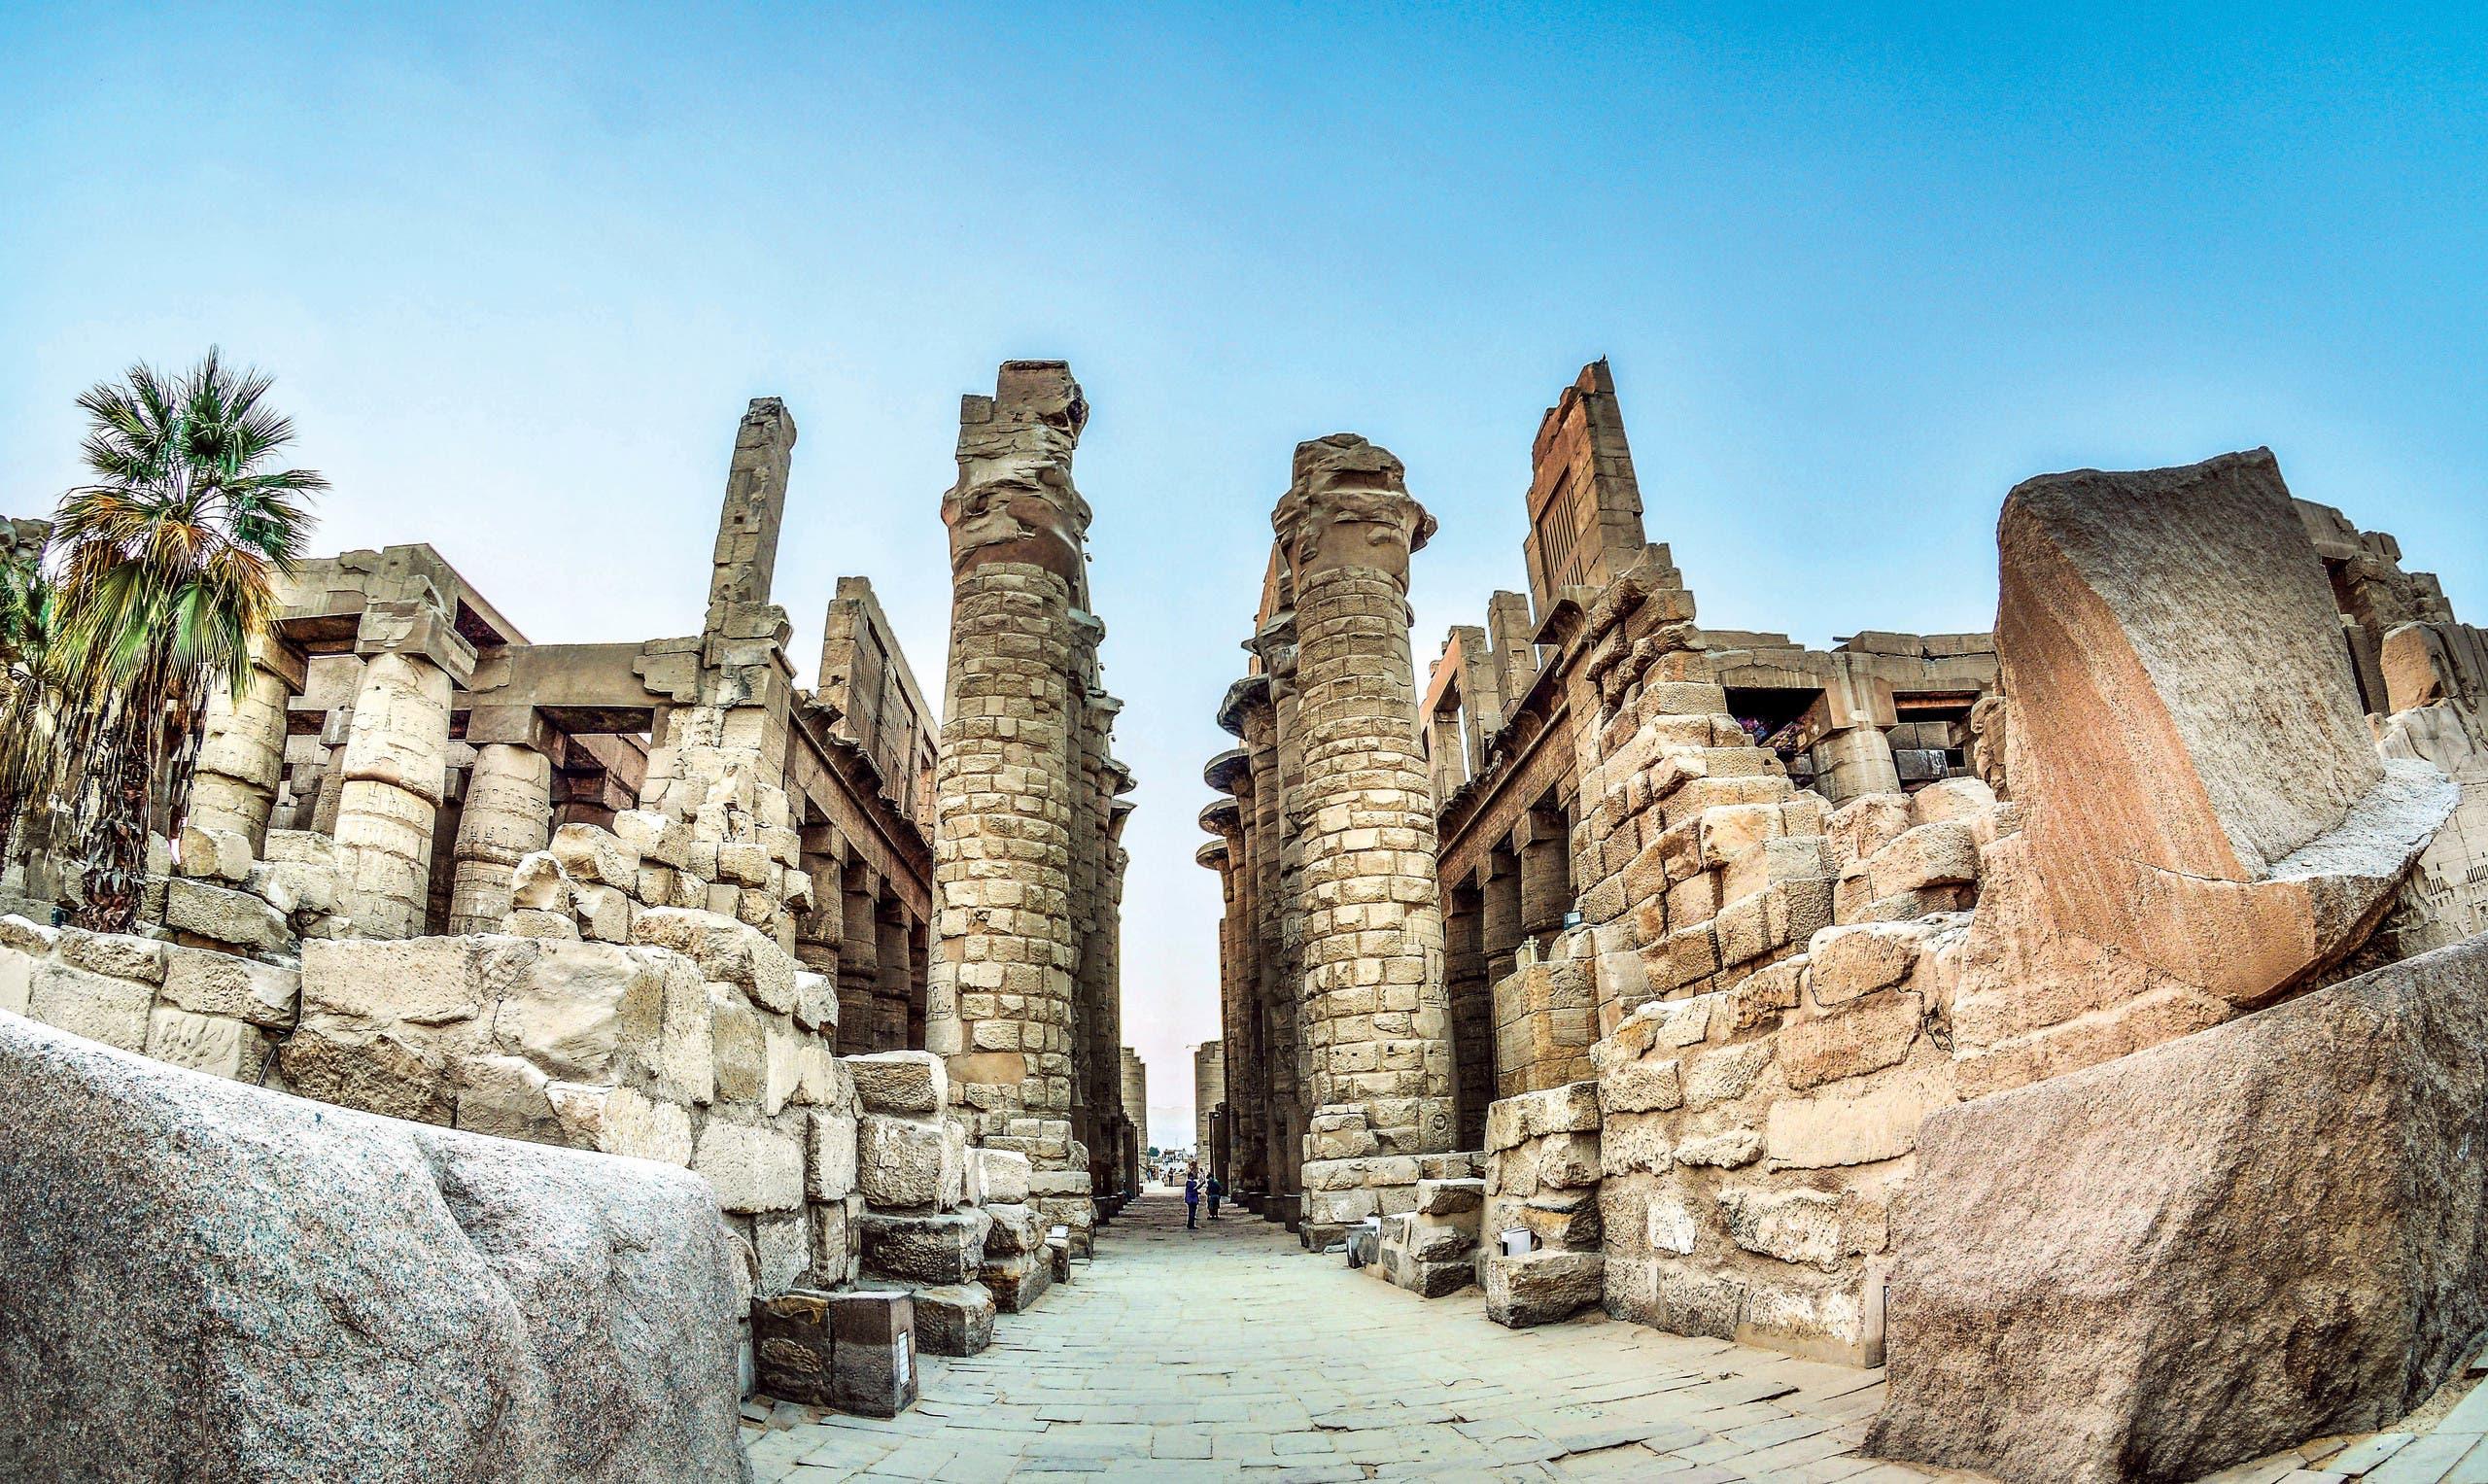 مدينة المئة باب أو مدينة الشمس .. الأقصر تاريخ الحضارة المصرية على شاطئ النيل الكرنك